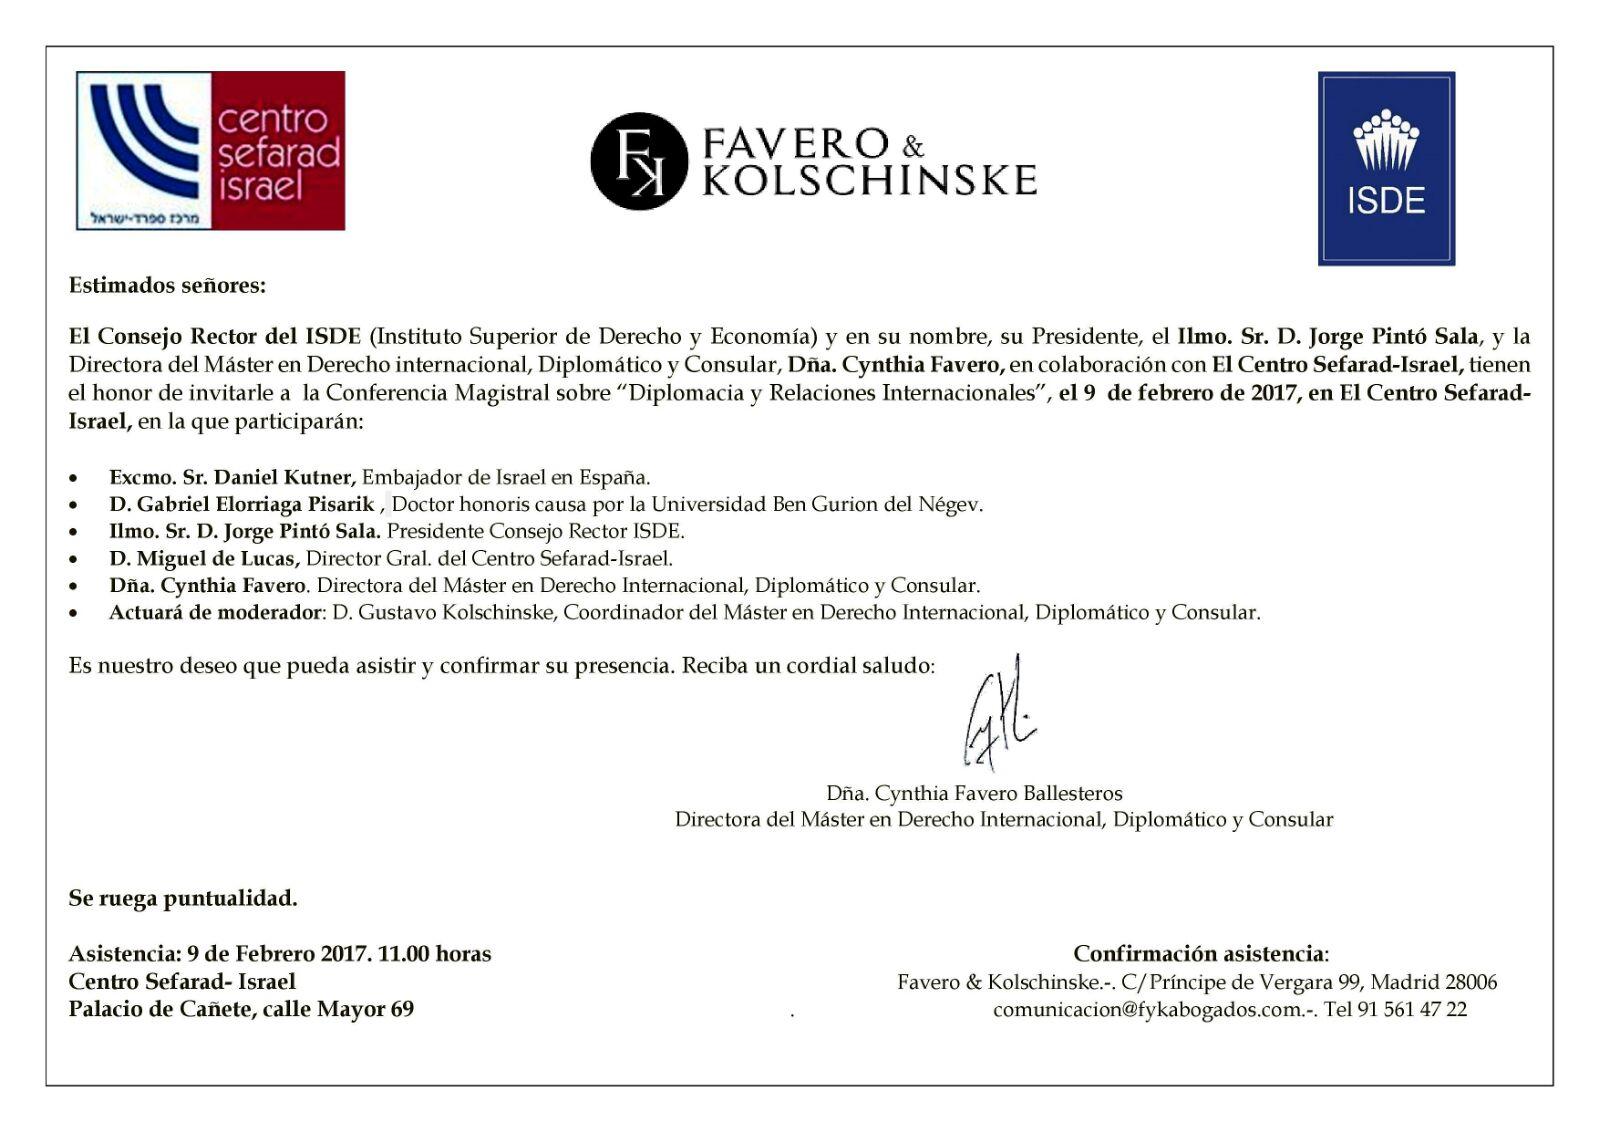 Invitación Conferencia Magistral Diplomacia y Relaciones Internacionales